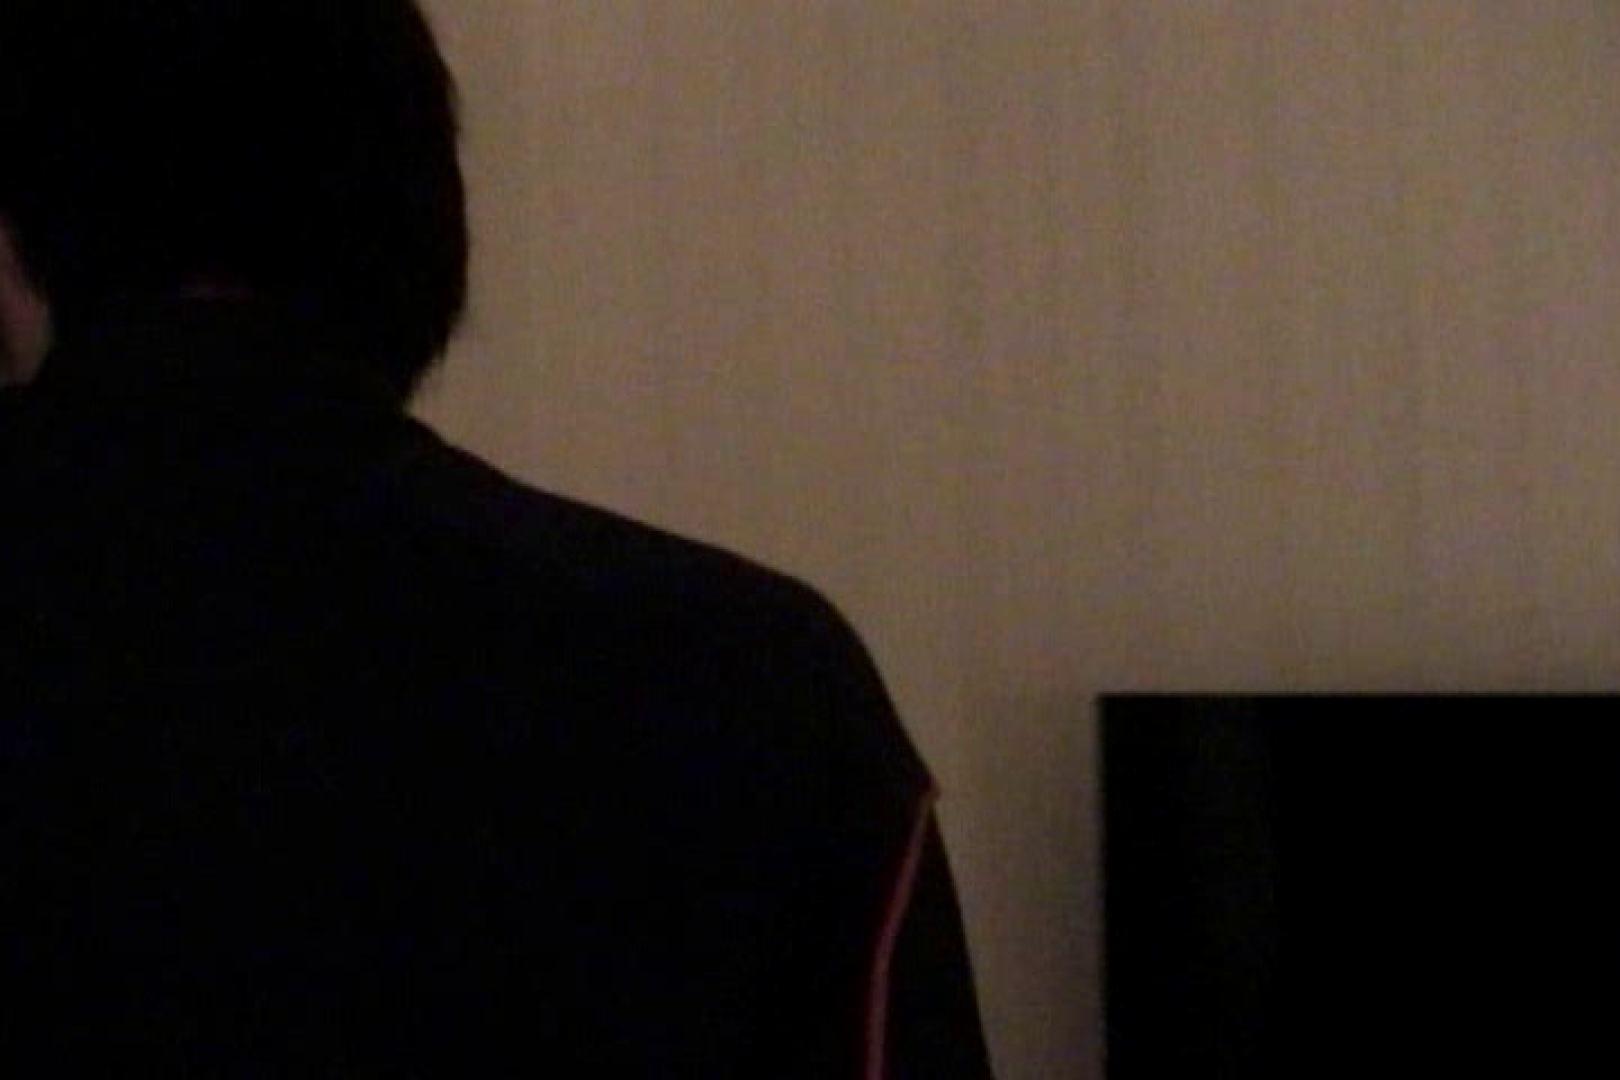 三ツ星シリーズ 魅惑のMemorial Night!! vol.01 ハメ撮り ゲイエロビデオ画像 67枚 2